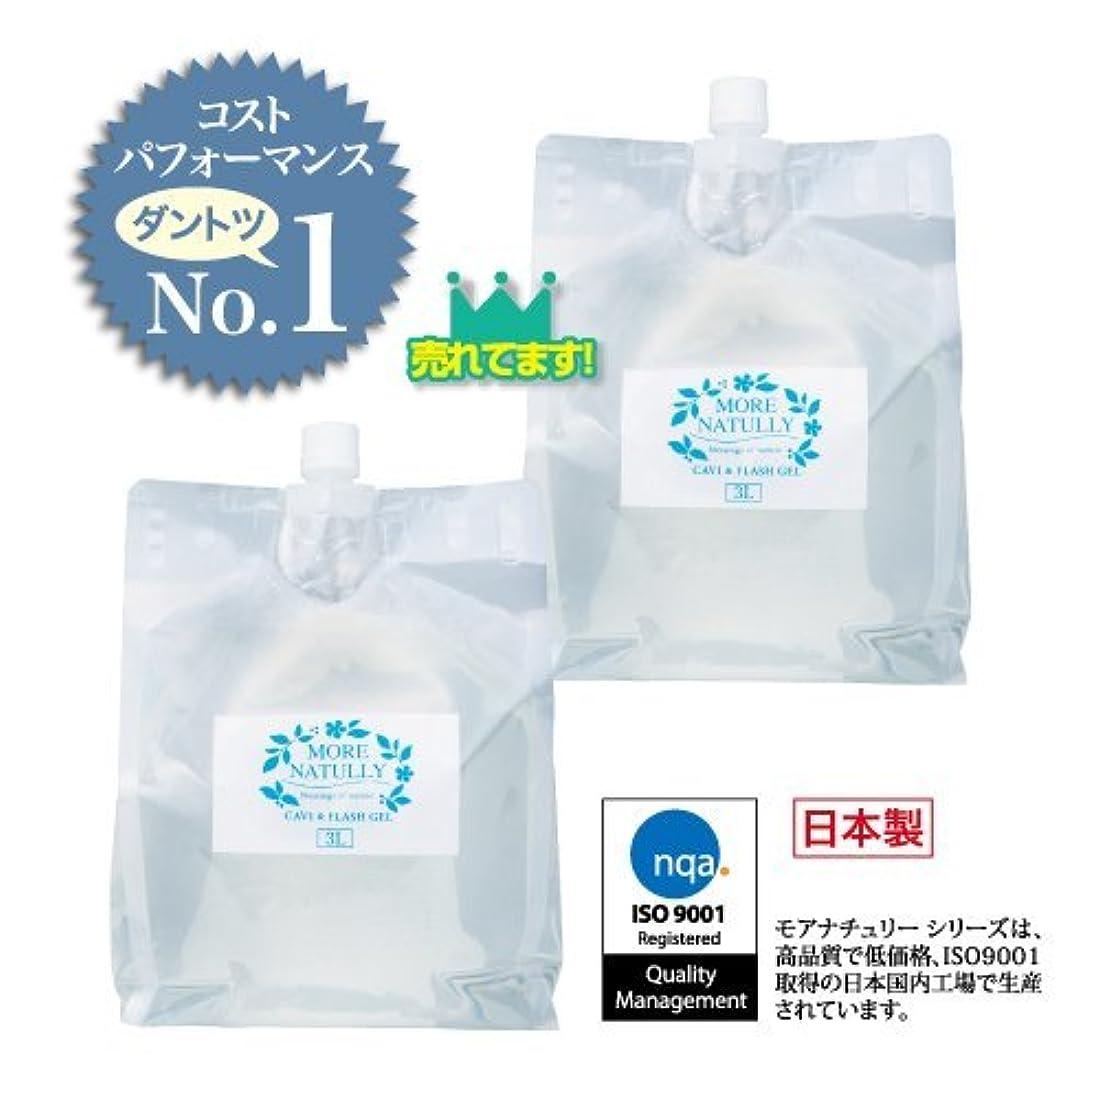 減衰トラックフェロー諸島モアナチュリー キャビ&フラッシュジェル 【ソフト】3kg×2袋